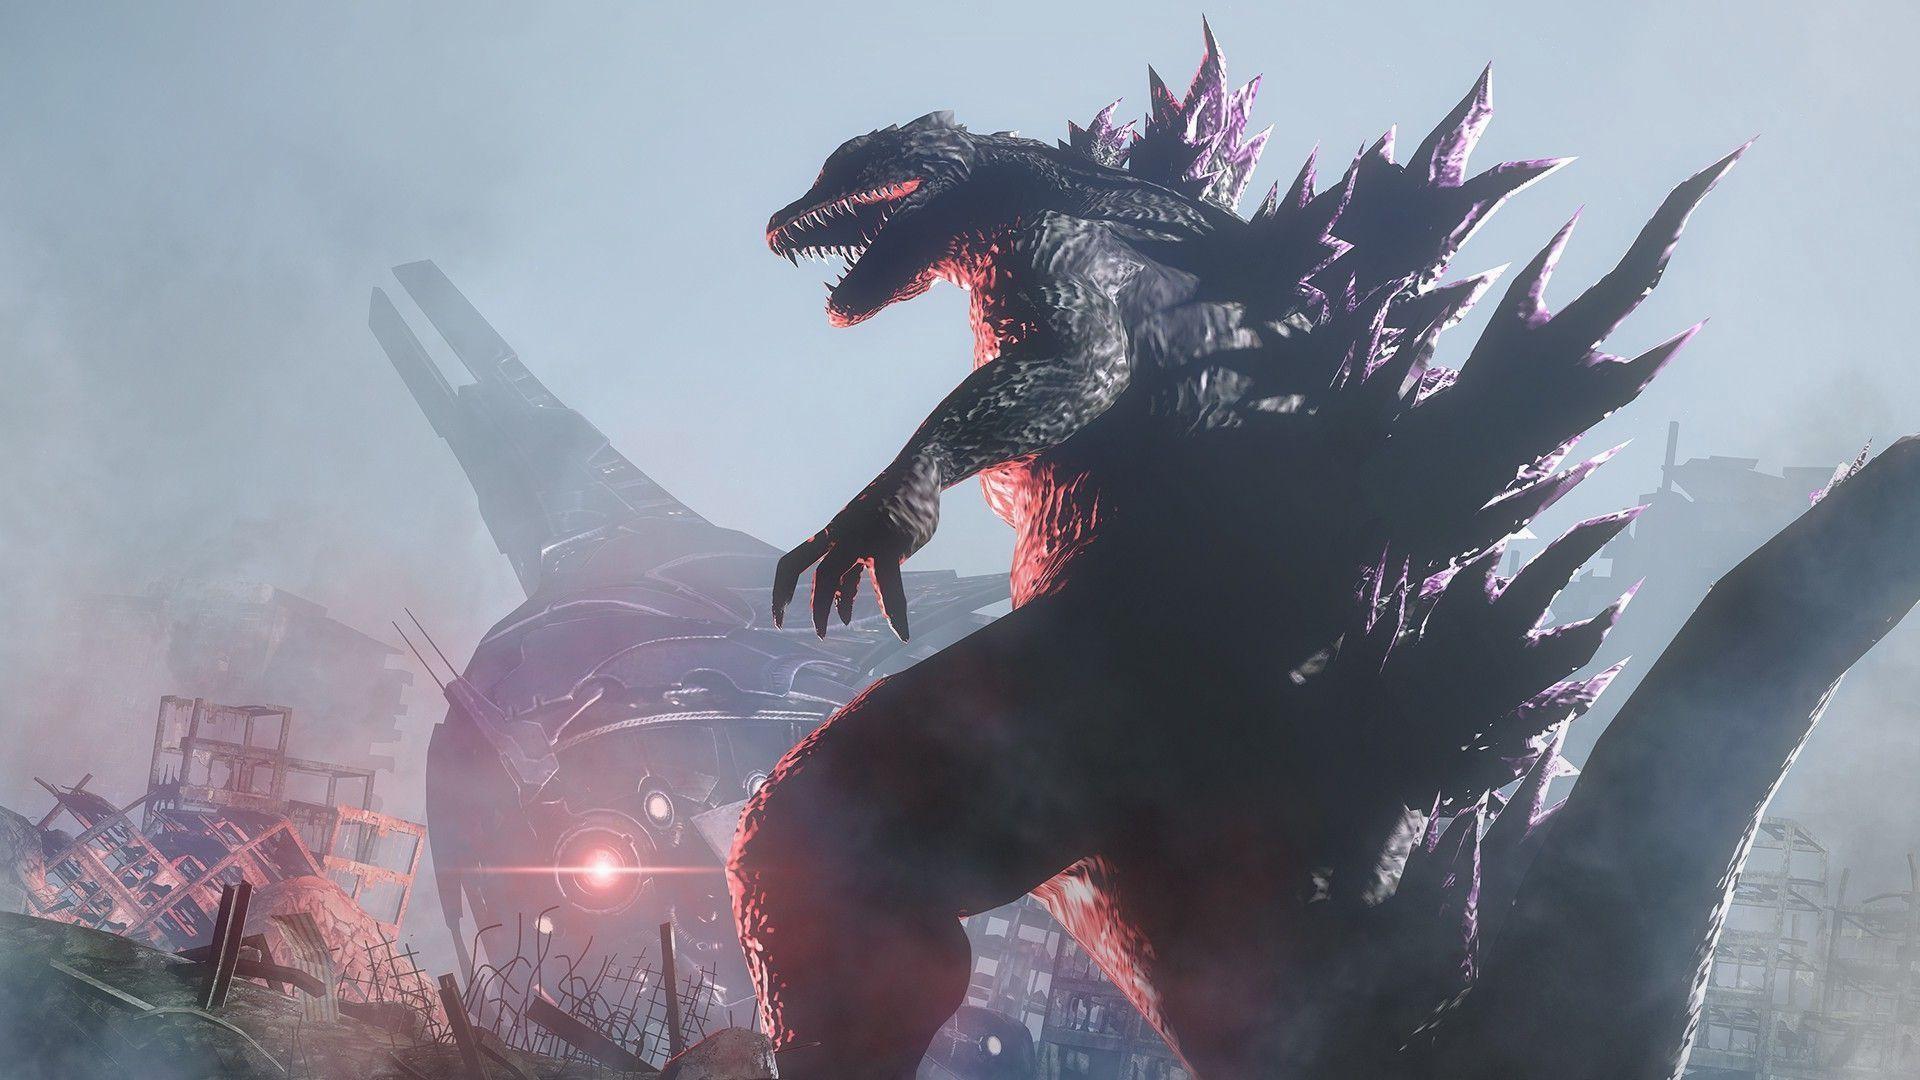 Godzilla-wide-wallpaper-HD